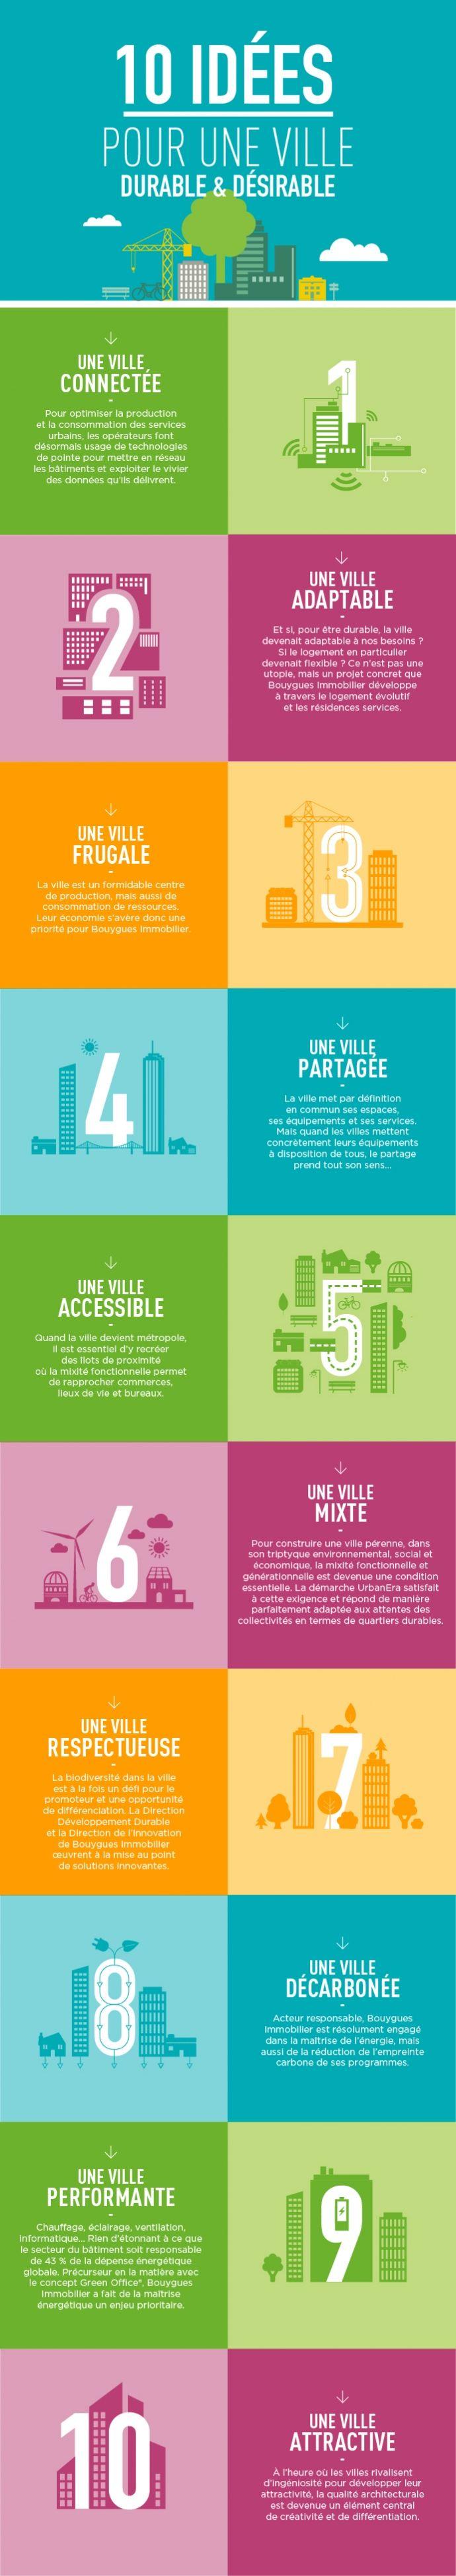 Bouygues Immobilier - 10 idées pour une ville durable et désirable. Par Angie